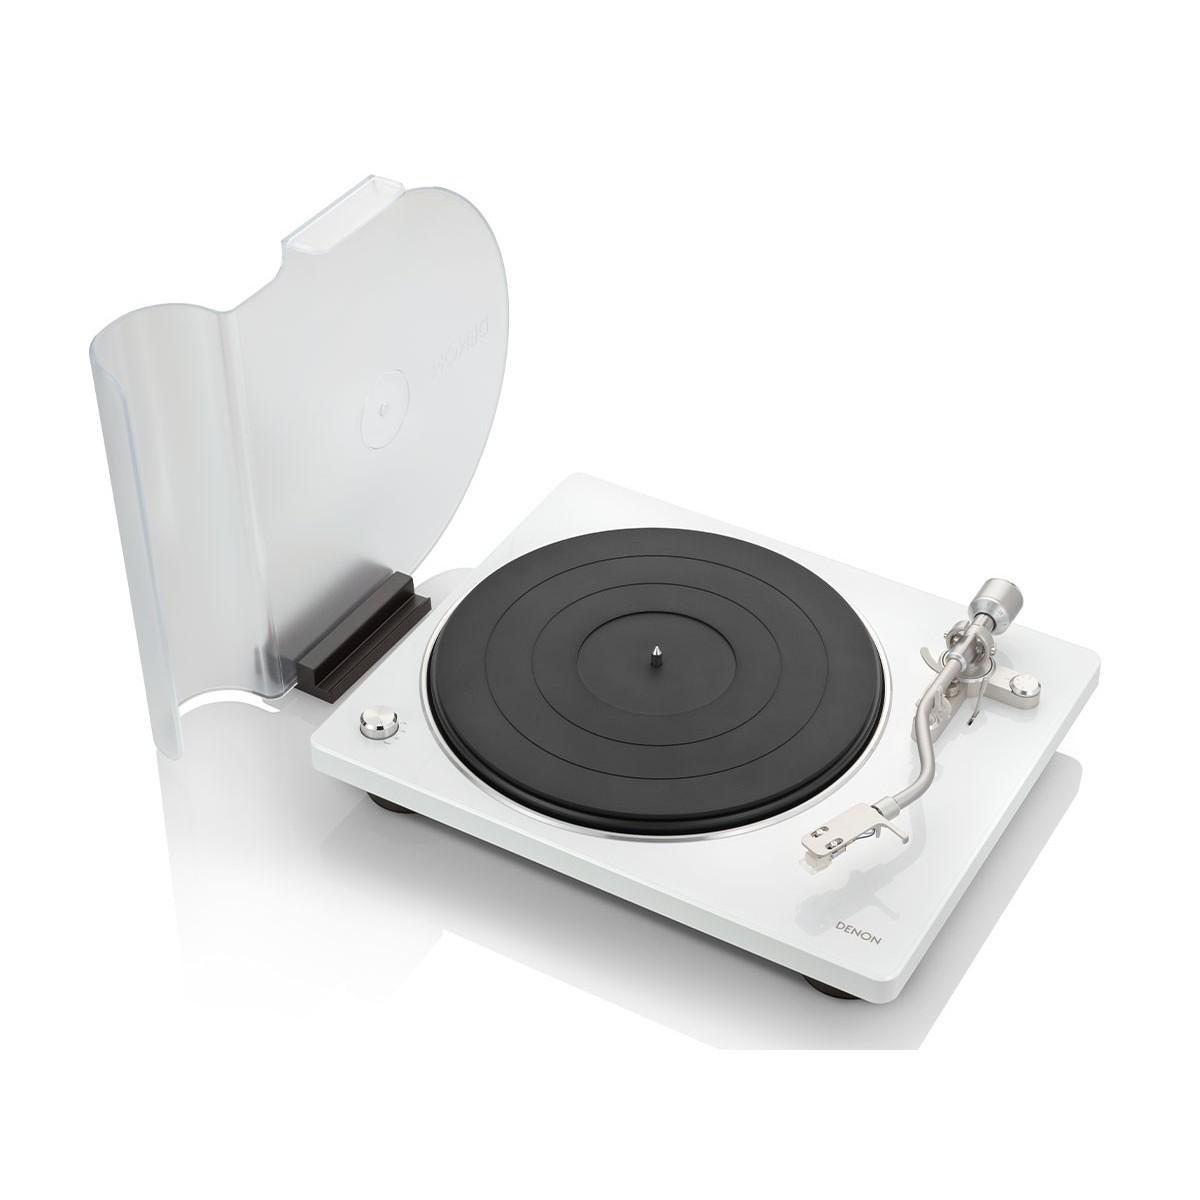 Plattenspieler DP-400